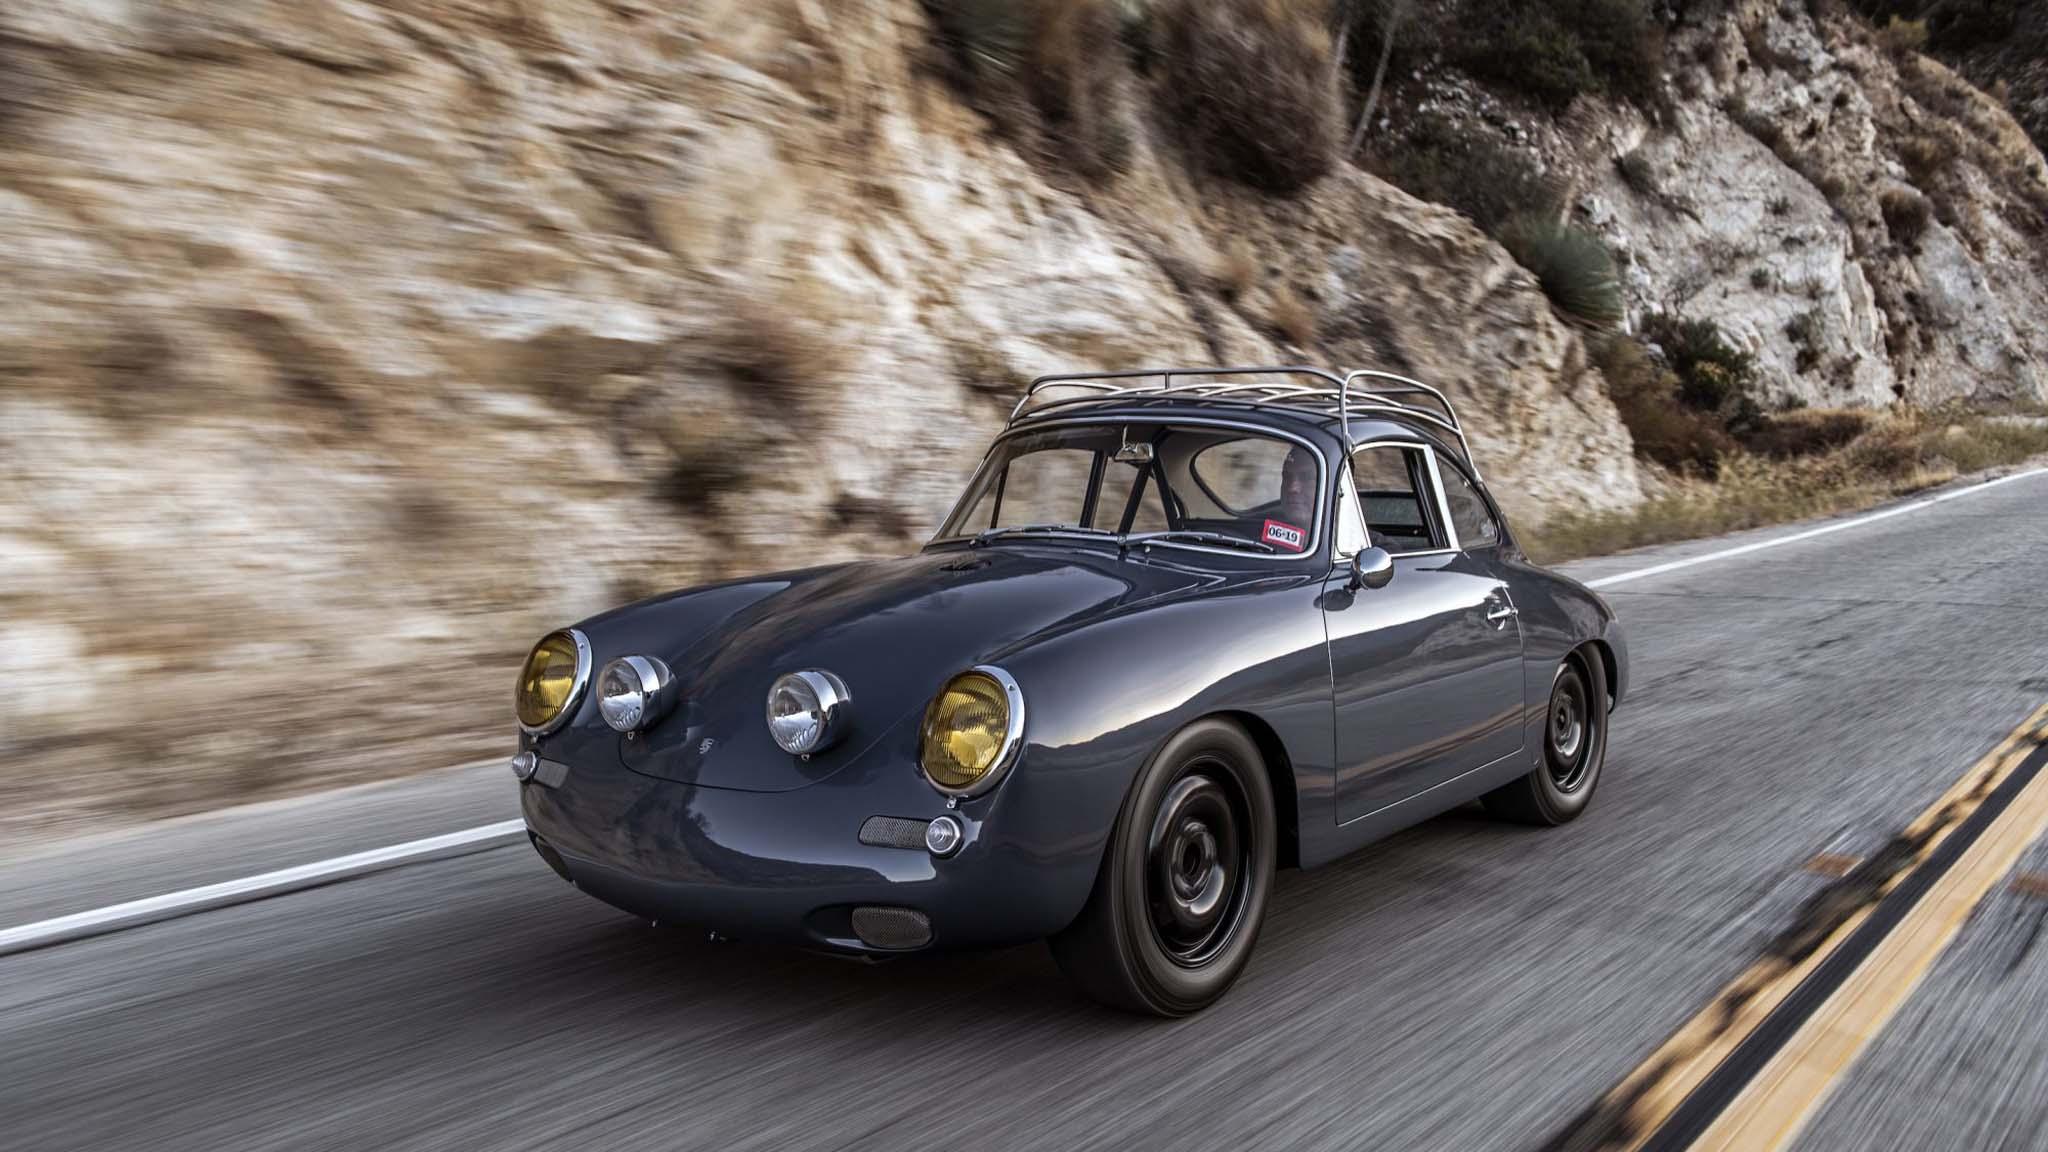 1964 Porsche 356 C4s Front Three Quarter 1